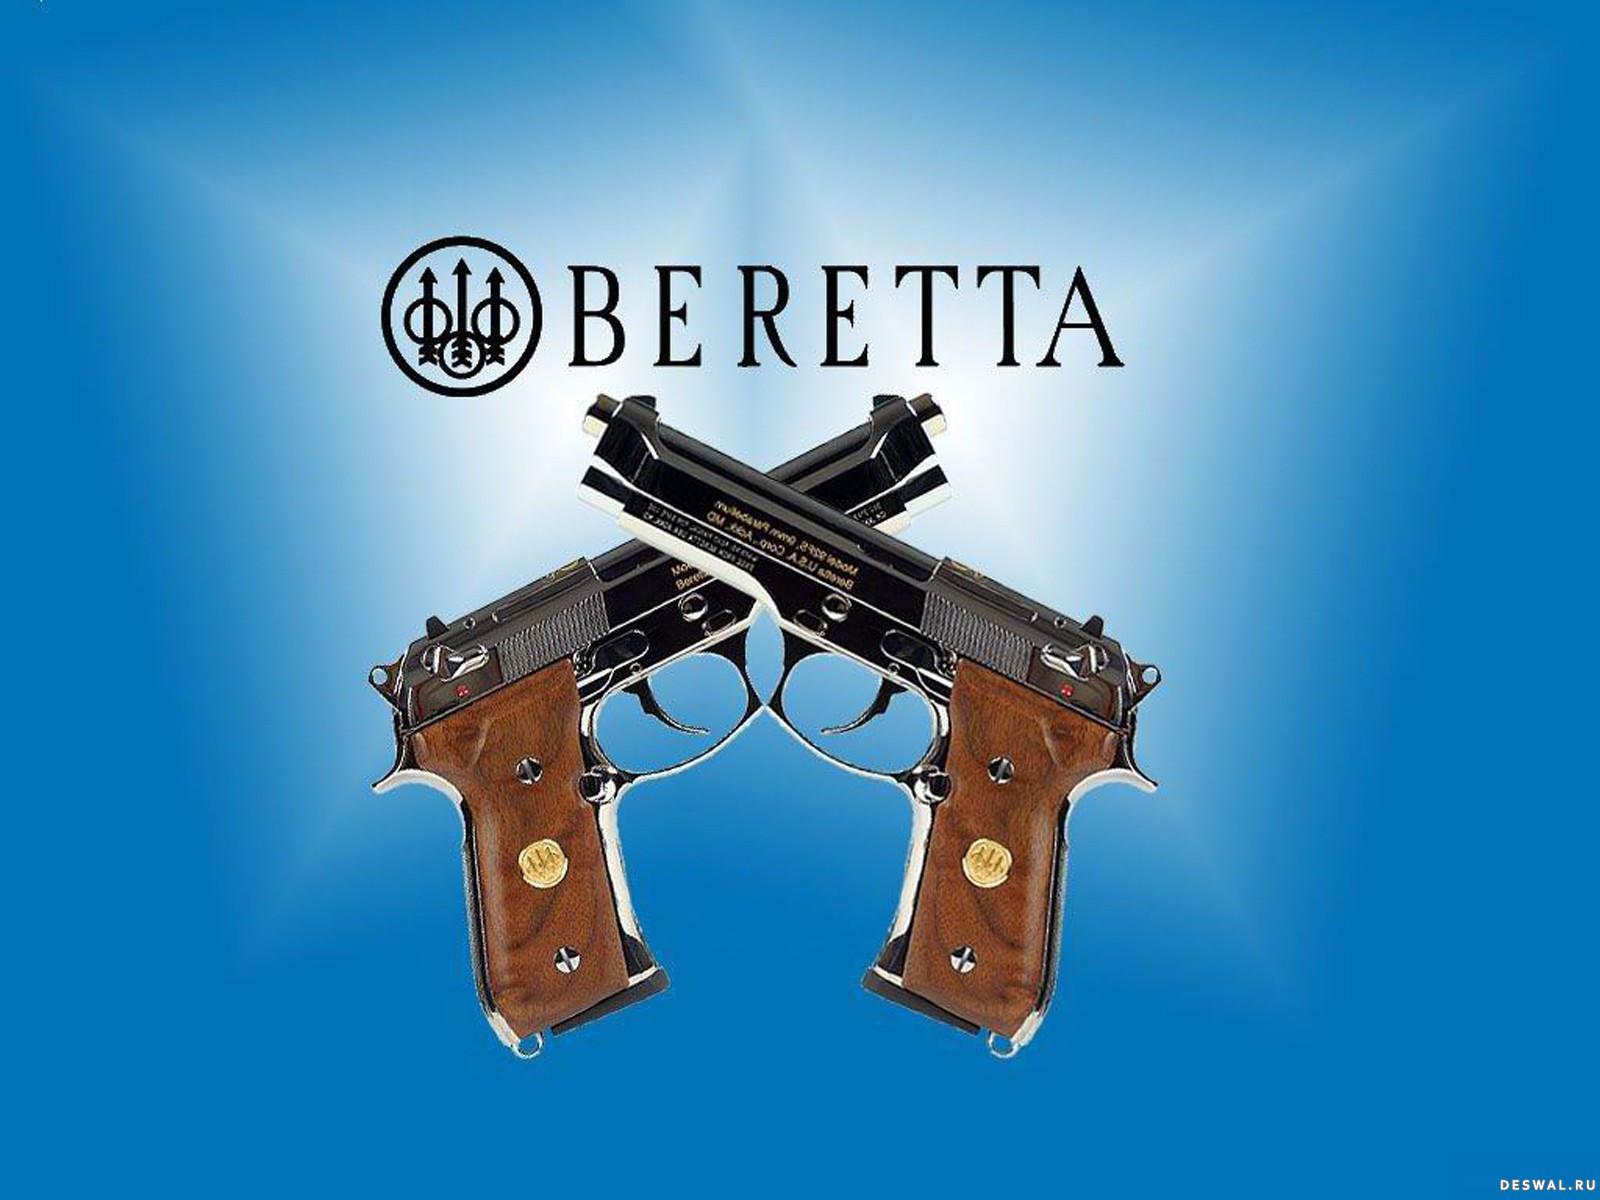 Фото 11. Нажмите на картинку с обоями оружия, чтобы просмотреть ее в реальном размере